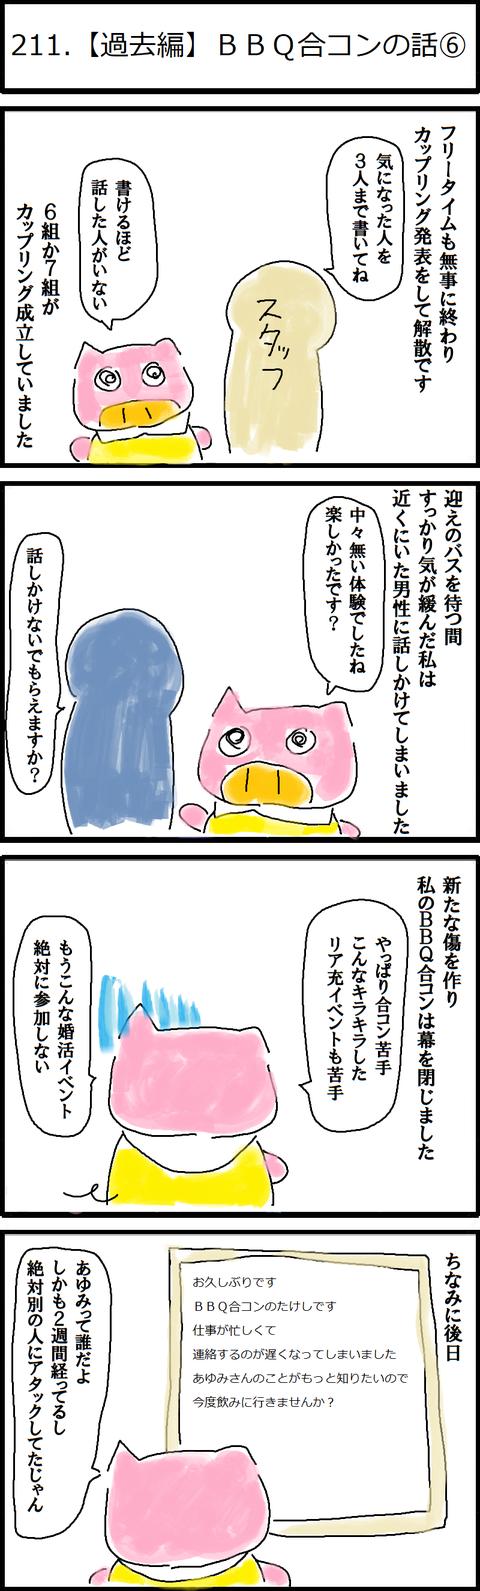 211.【過去編】BBQ合コンの話⑥